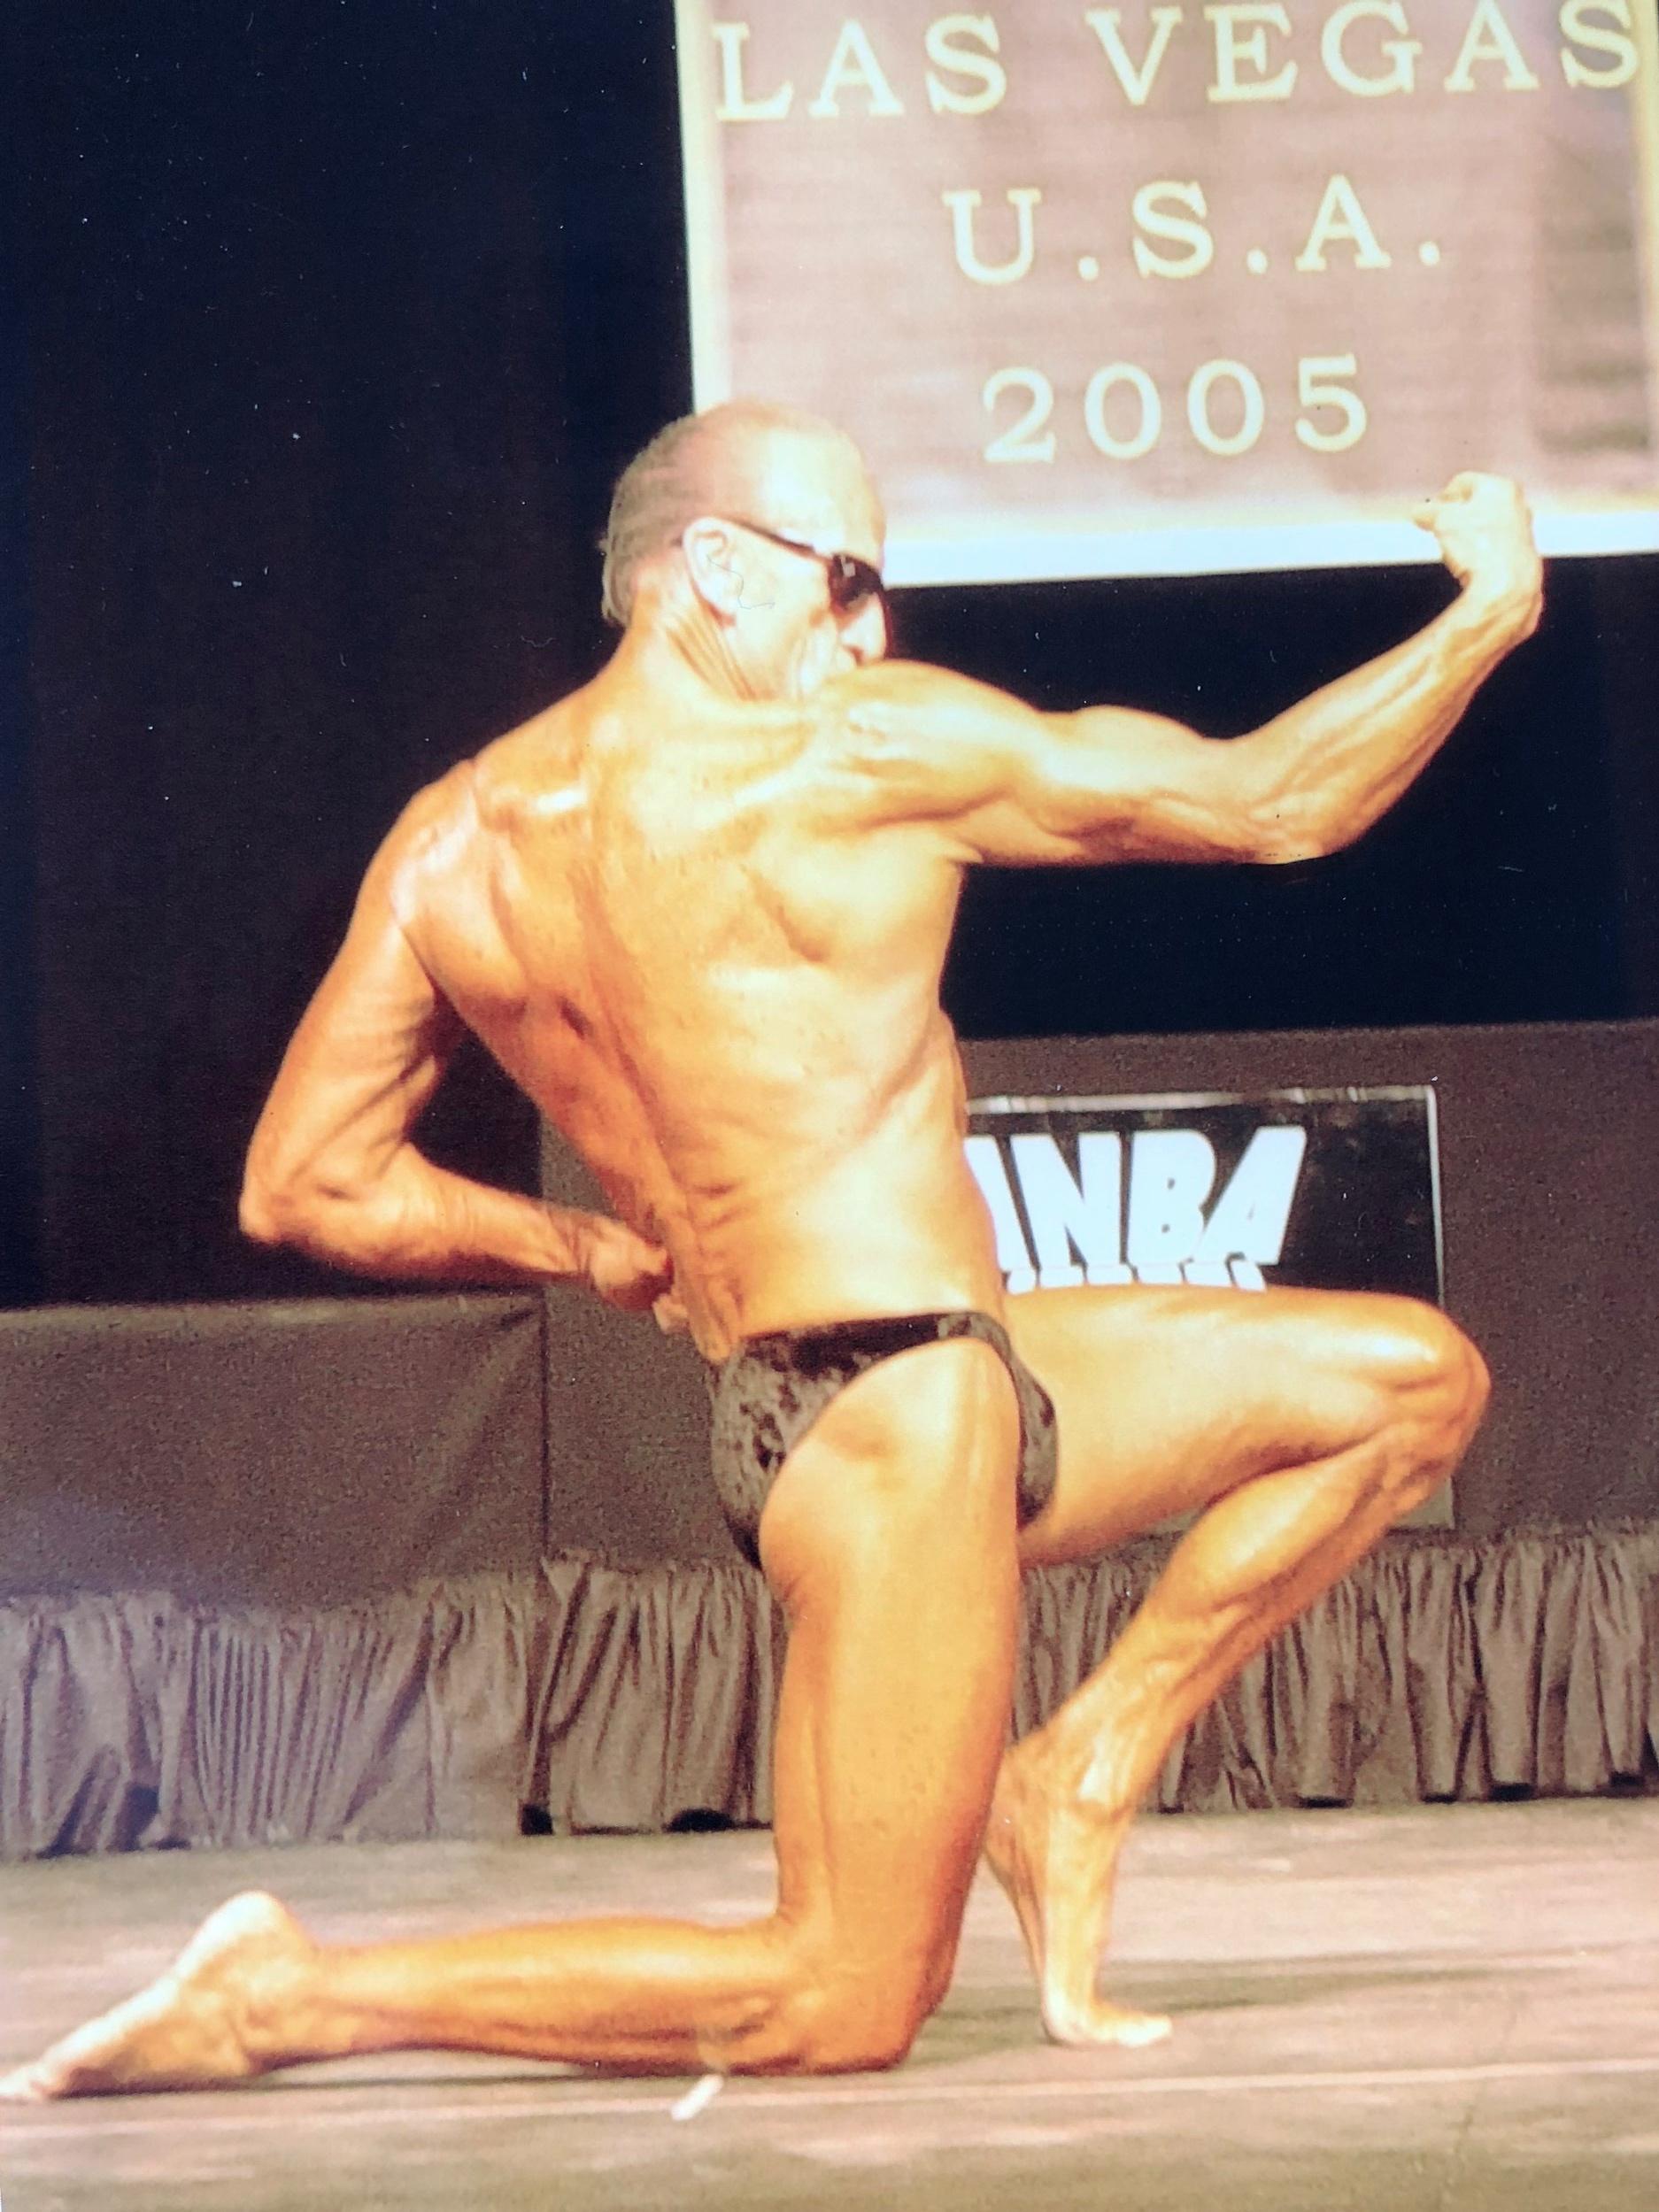 2005 MR. USA (LAS VEGAS)